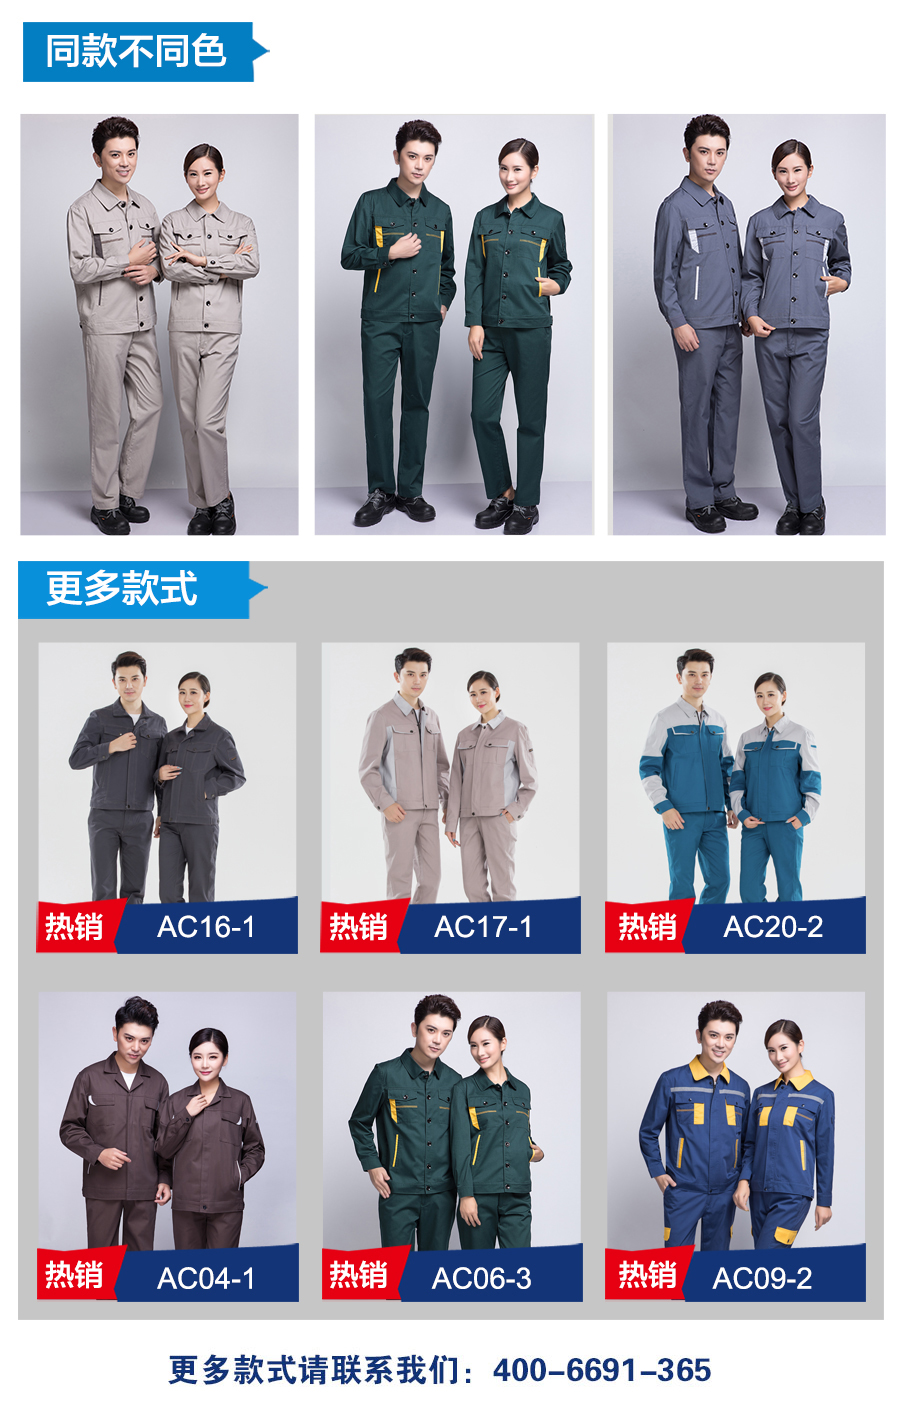 电力施工单位工作服不同款式.jpg